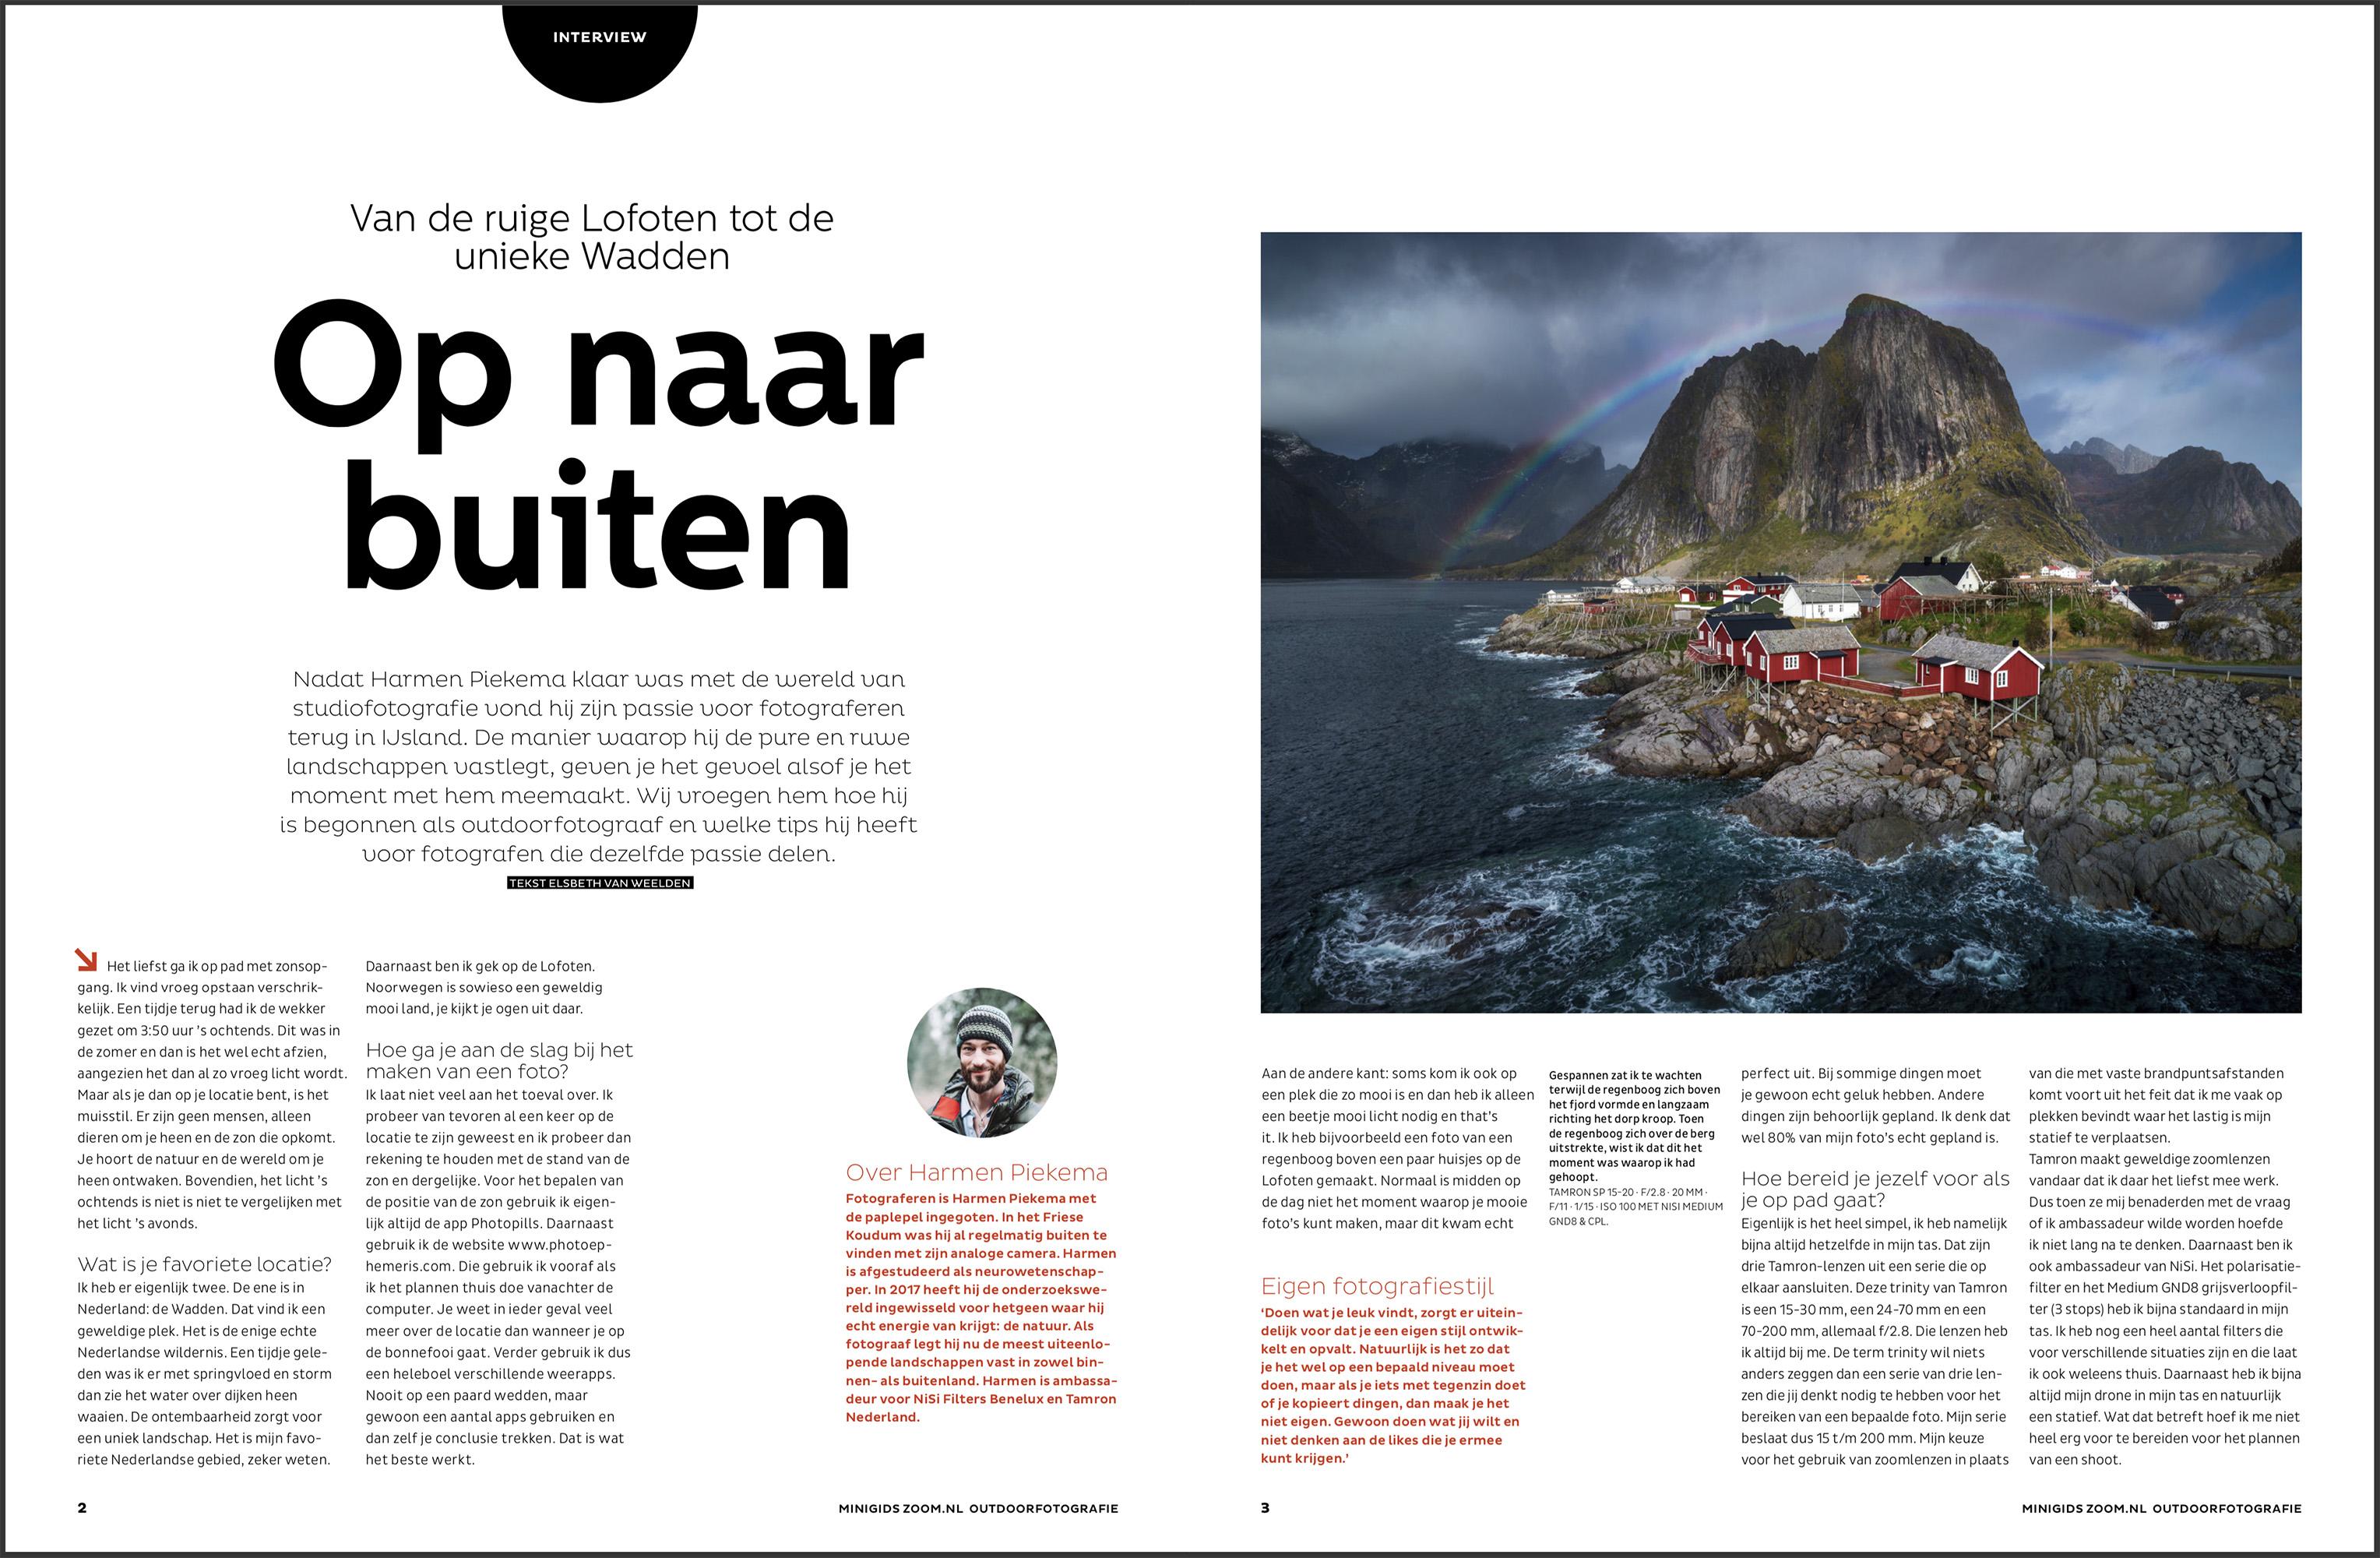 Interview met Groninger landschapsfotograaf Harmen Piekema